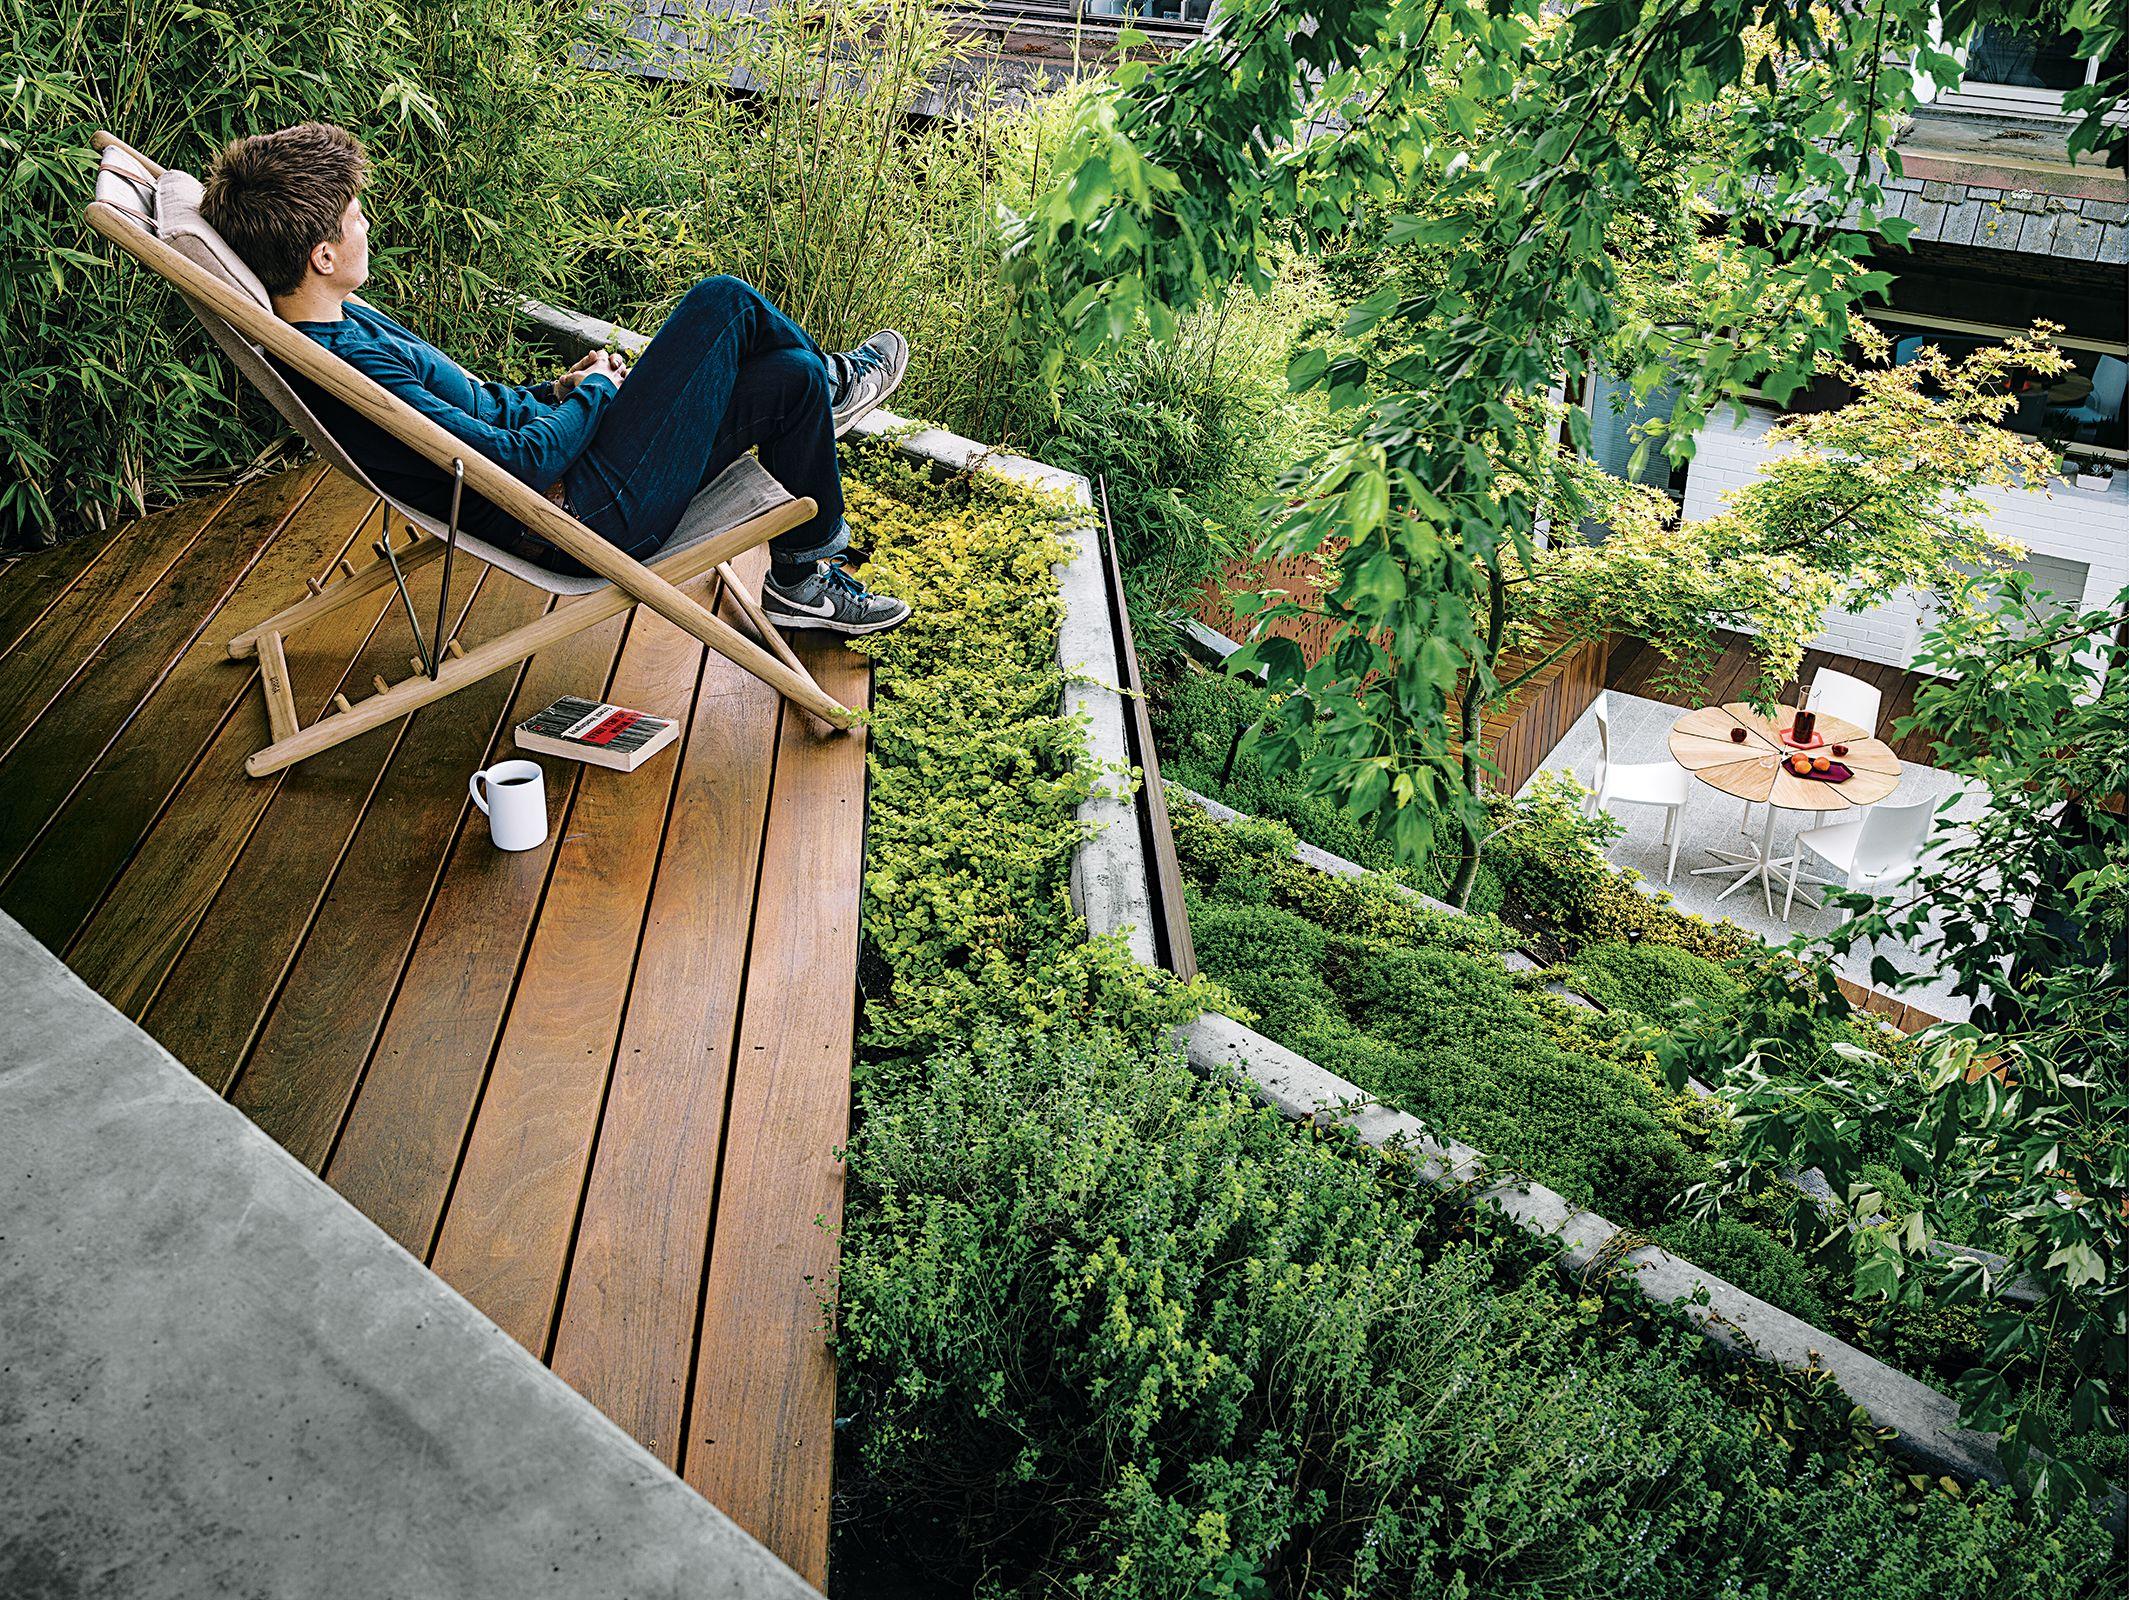 Rad Restaurant Designs Gardens Decks And Steep